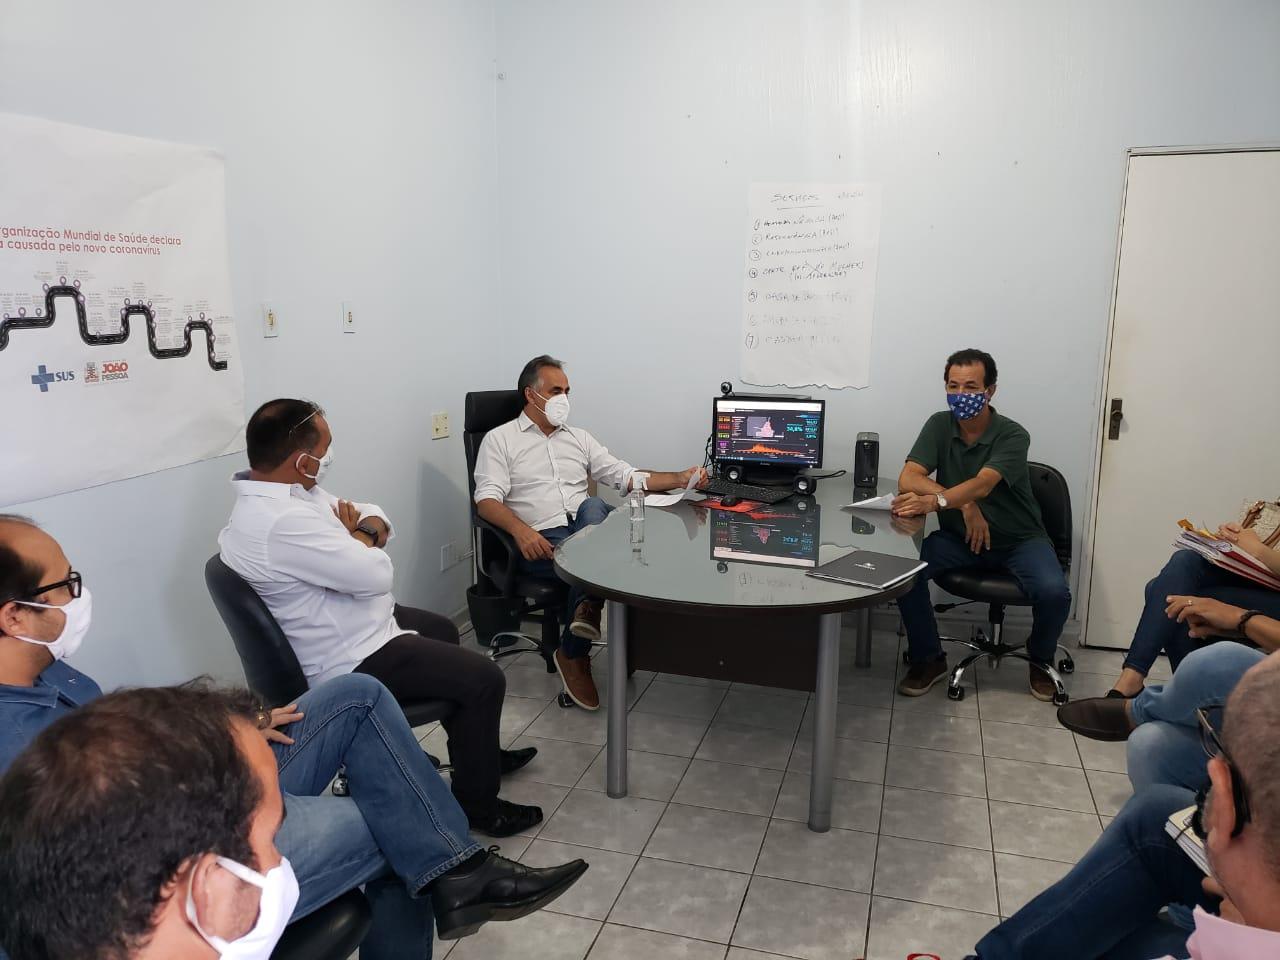 WhatsApp Image 2020 10 30 at 16.59.13 - Prefeitura de João Pessoa anuncia flexibilização no setor de eventos a partir da próxima sexta